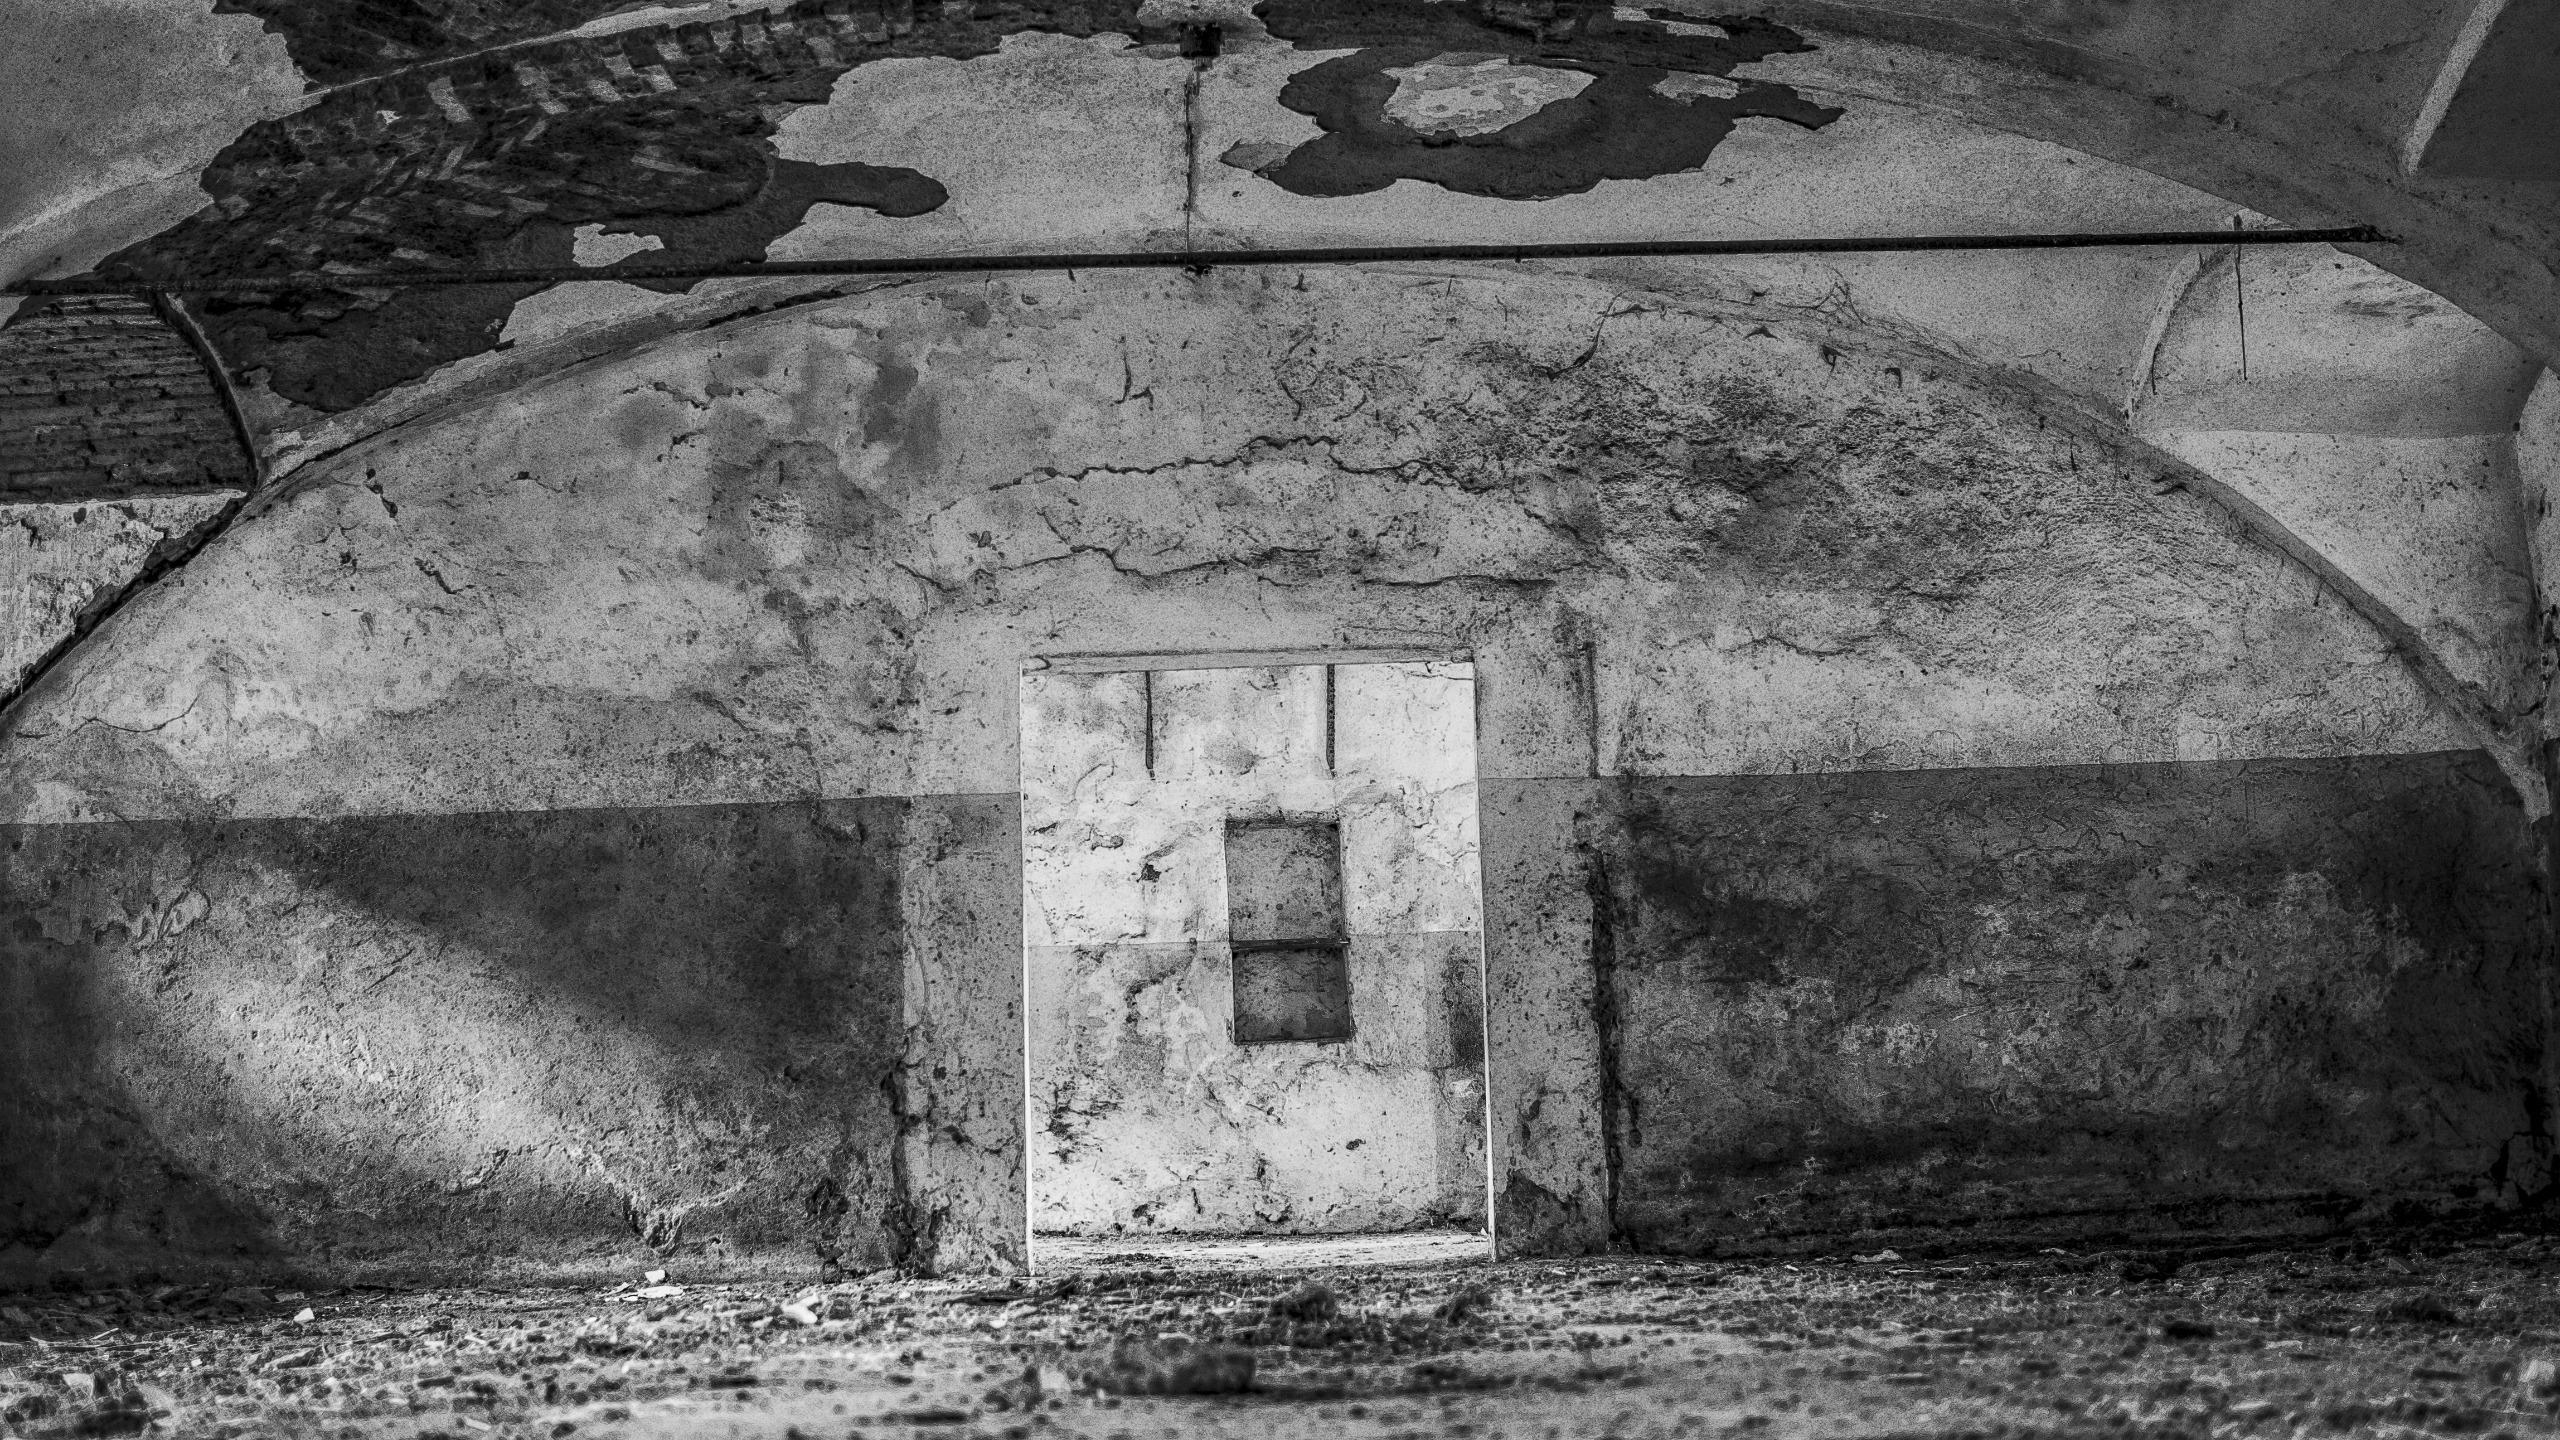 Demolition farm building city G - marcstipsits | ello